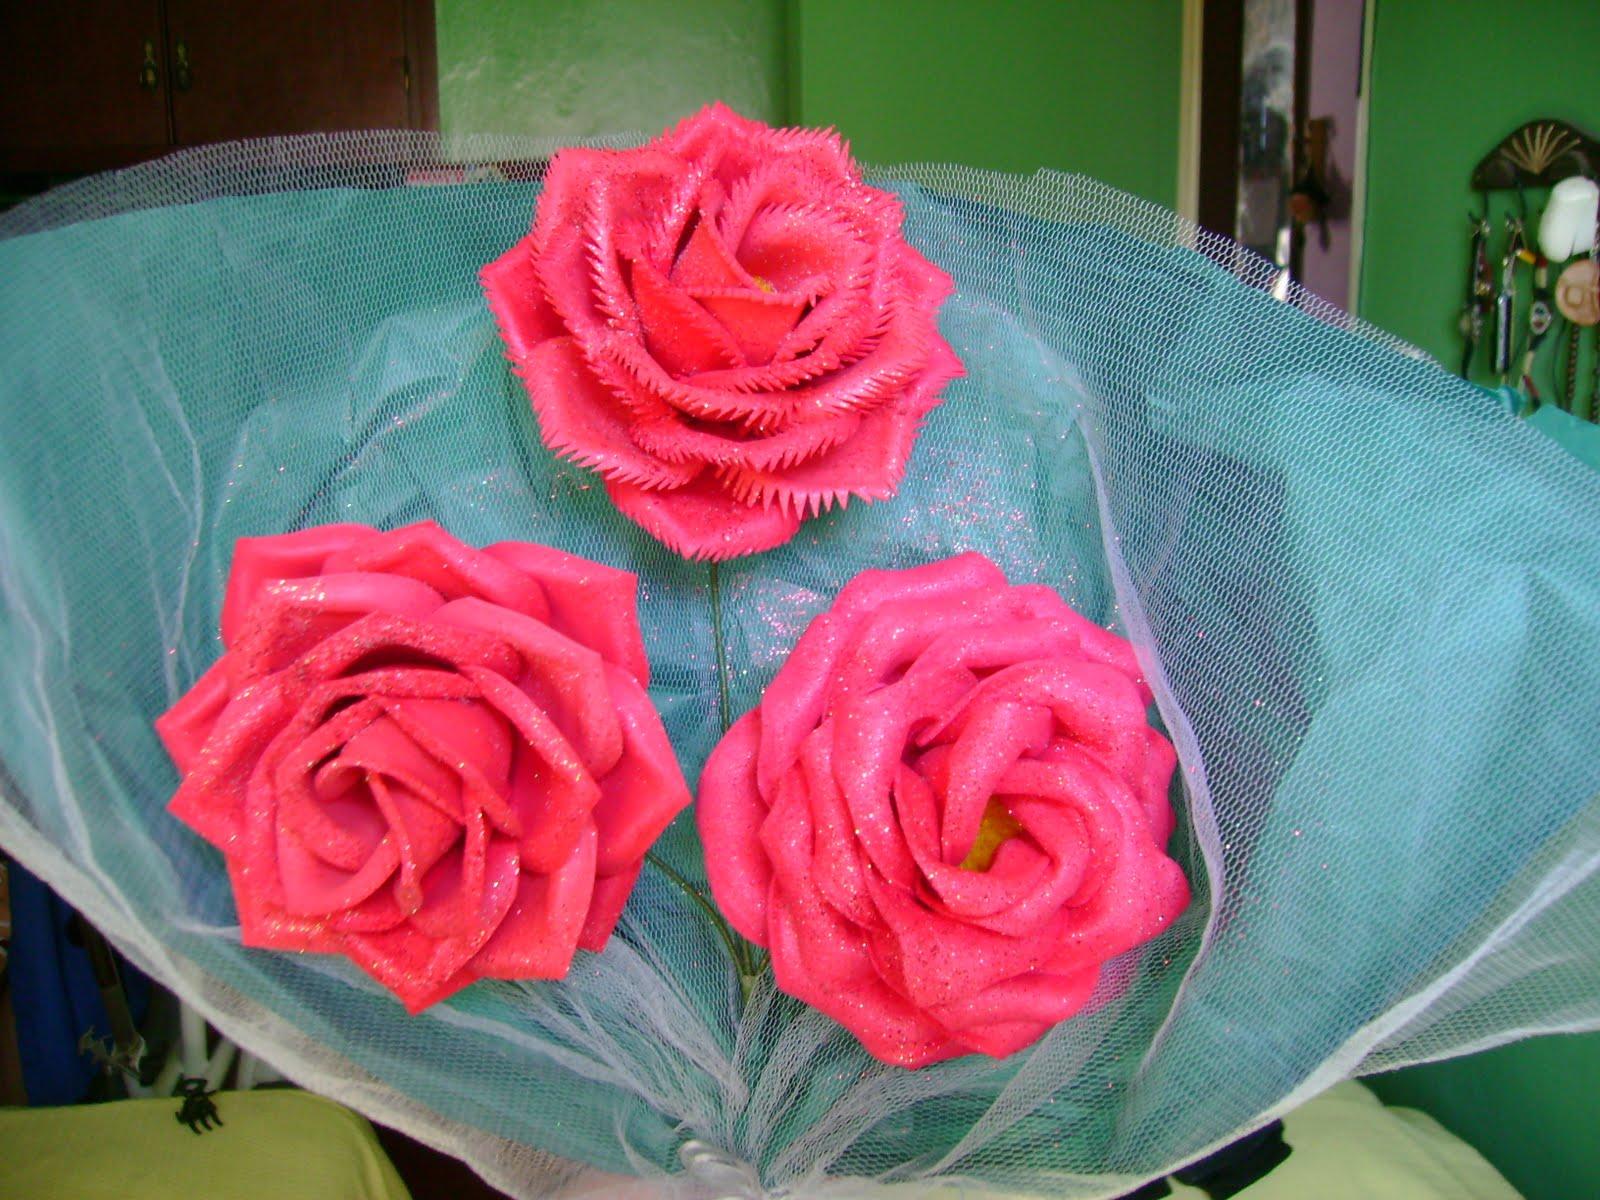 Imagenes De Centros De Mesa Con Flores De Goma Eva - Centros de mesa y tarjetas infantiles Actiweb